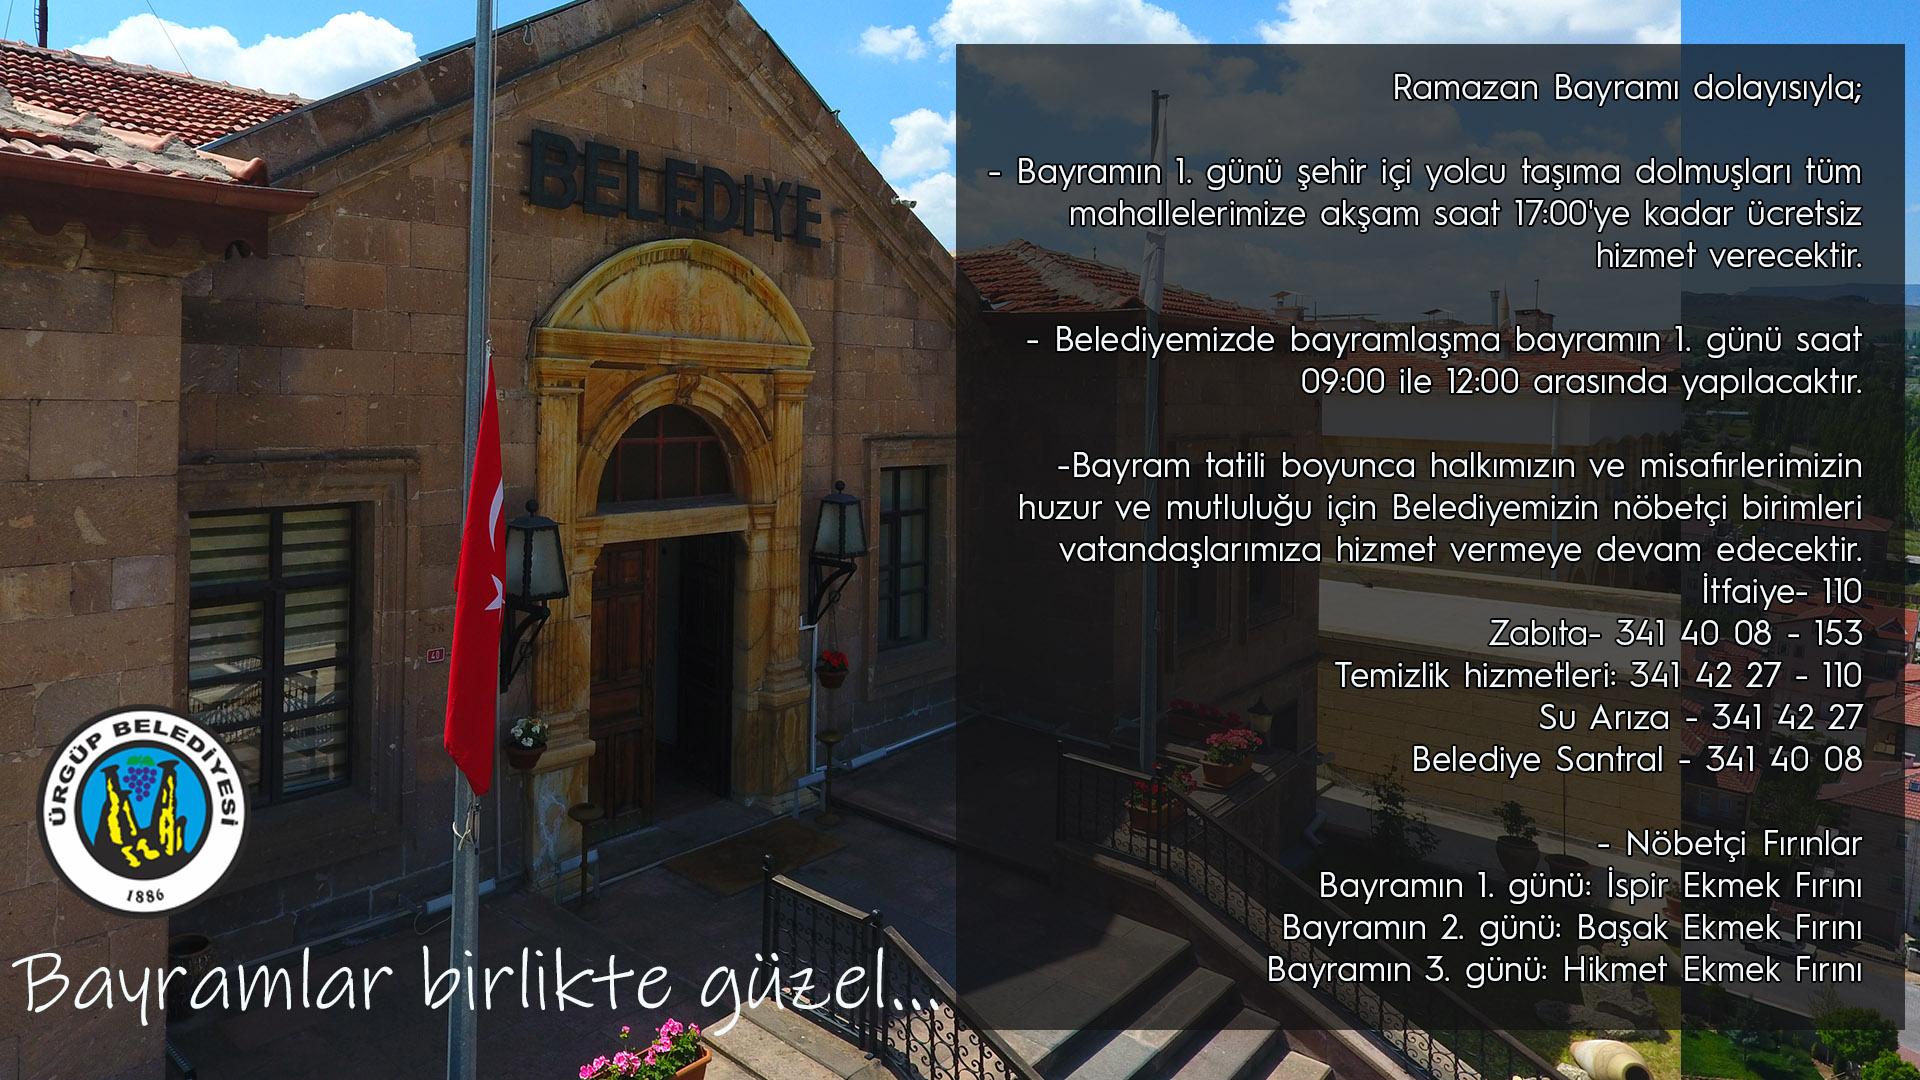 Ürgüp'te Ramazan Bayramının 1. günü dolmuşlar ücretsiz